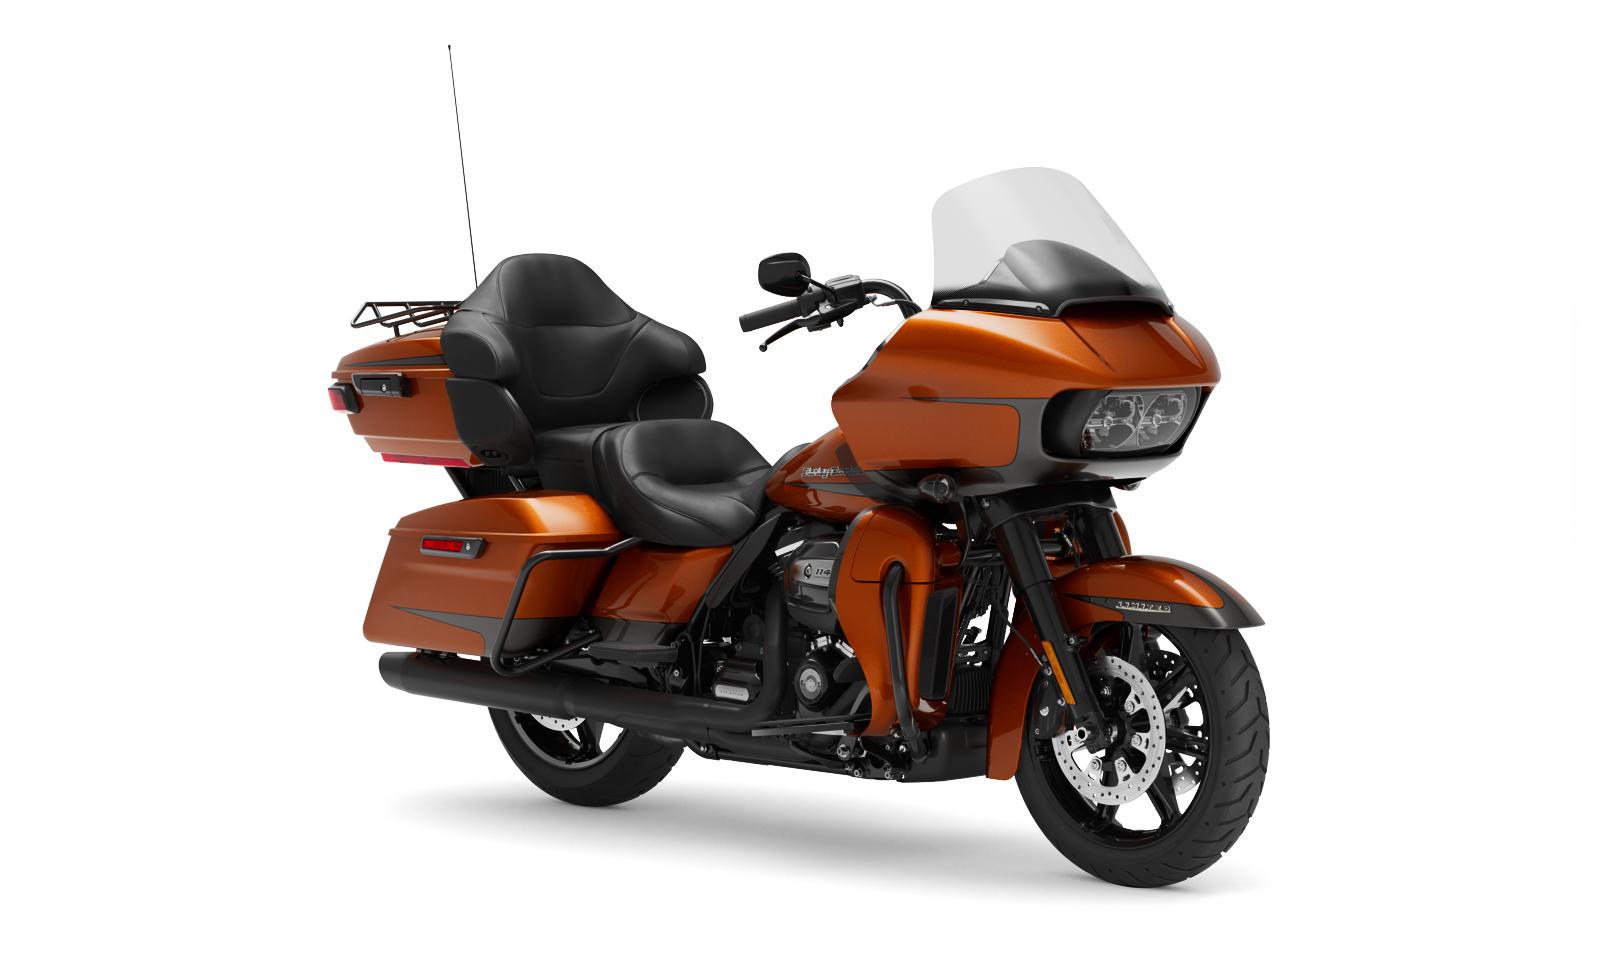 2020 Road Glide Limited Motorcycle Harley Davidson Brasil